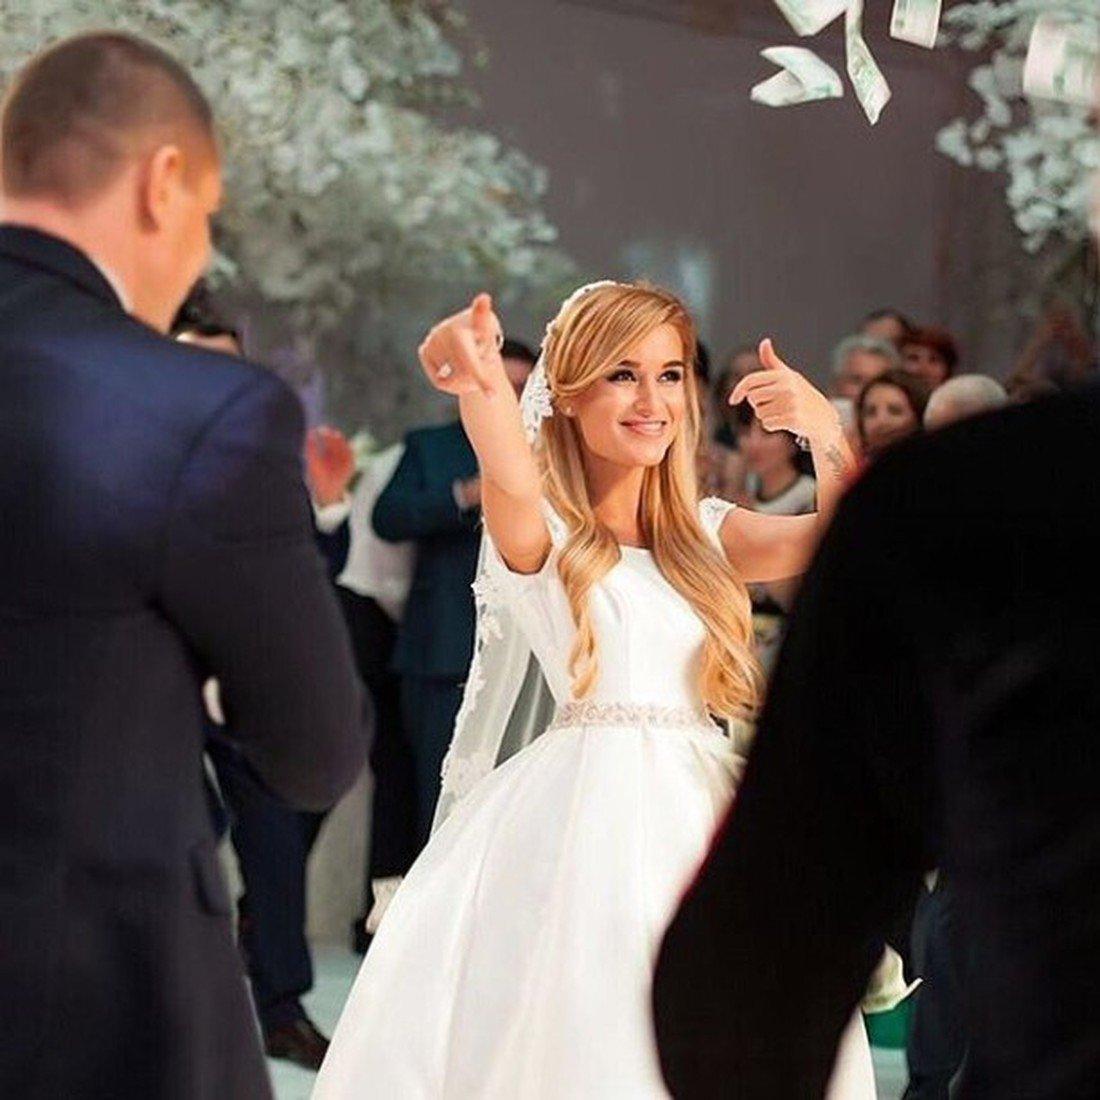 Фото со свадьбы Ксении Бородиной наводнили Интернет